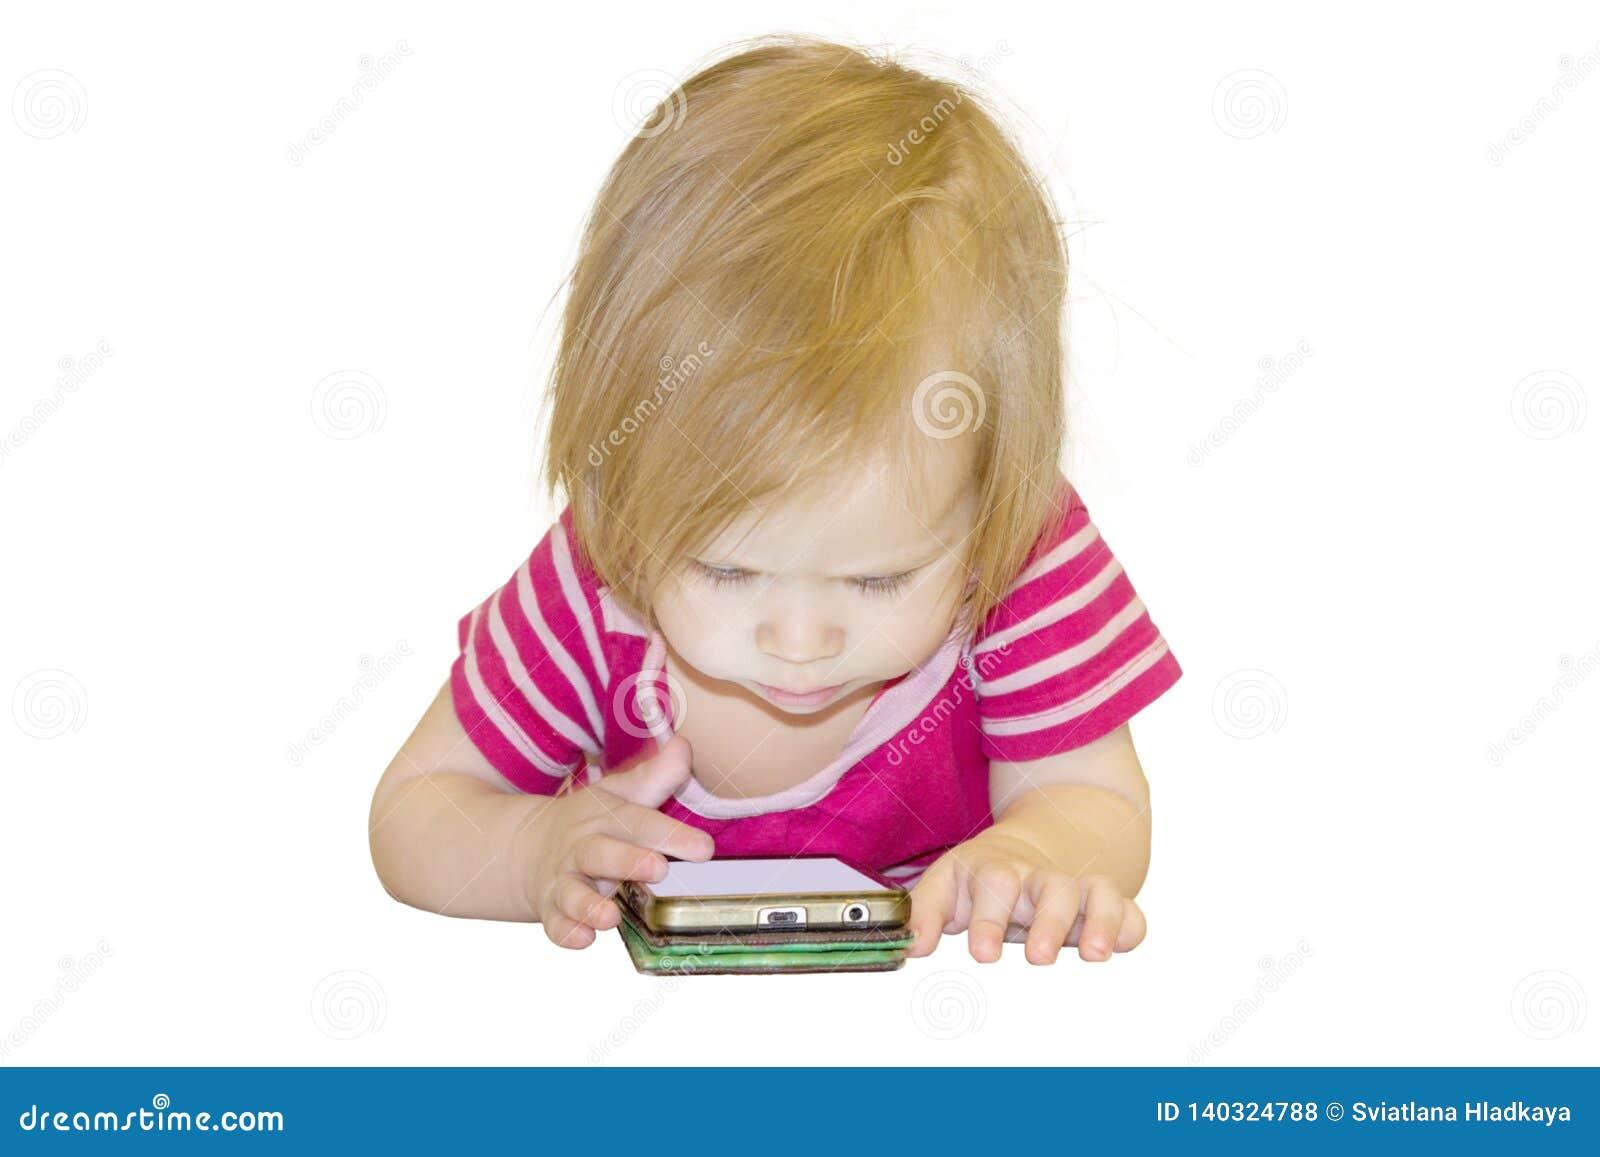 Inverkan av bruket av moderna teknologier av smartphones, minnestavlor, internet i uppfostran i tidig barndom